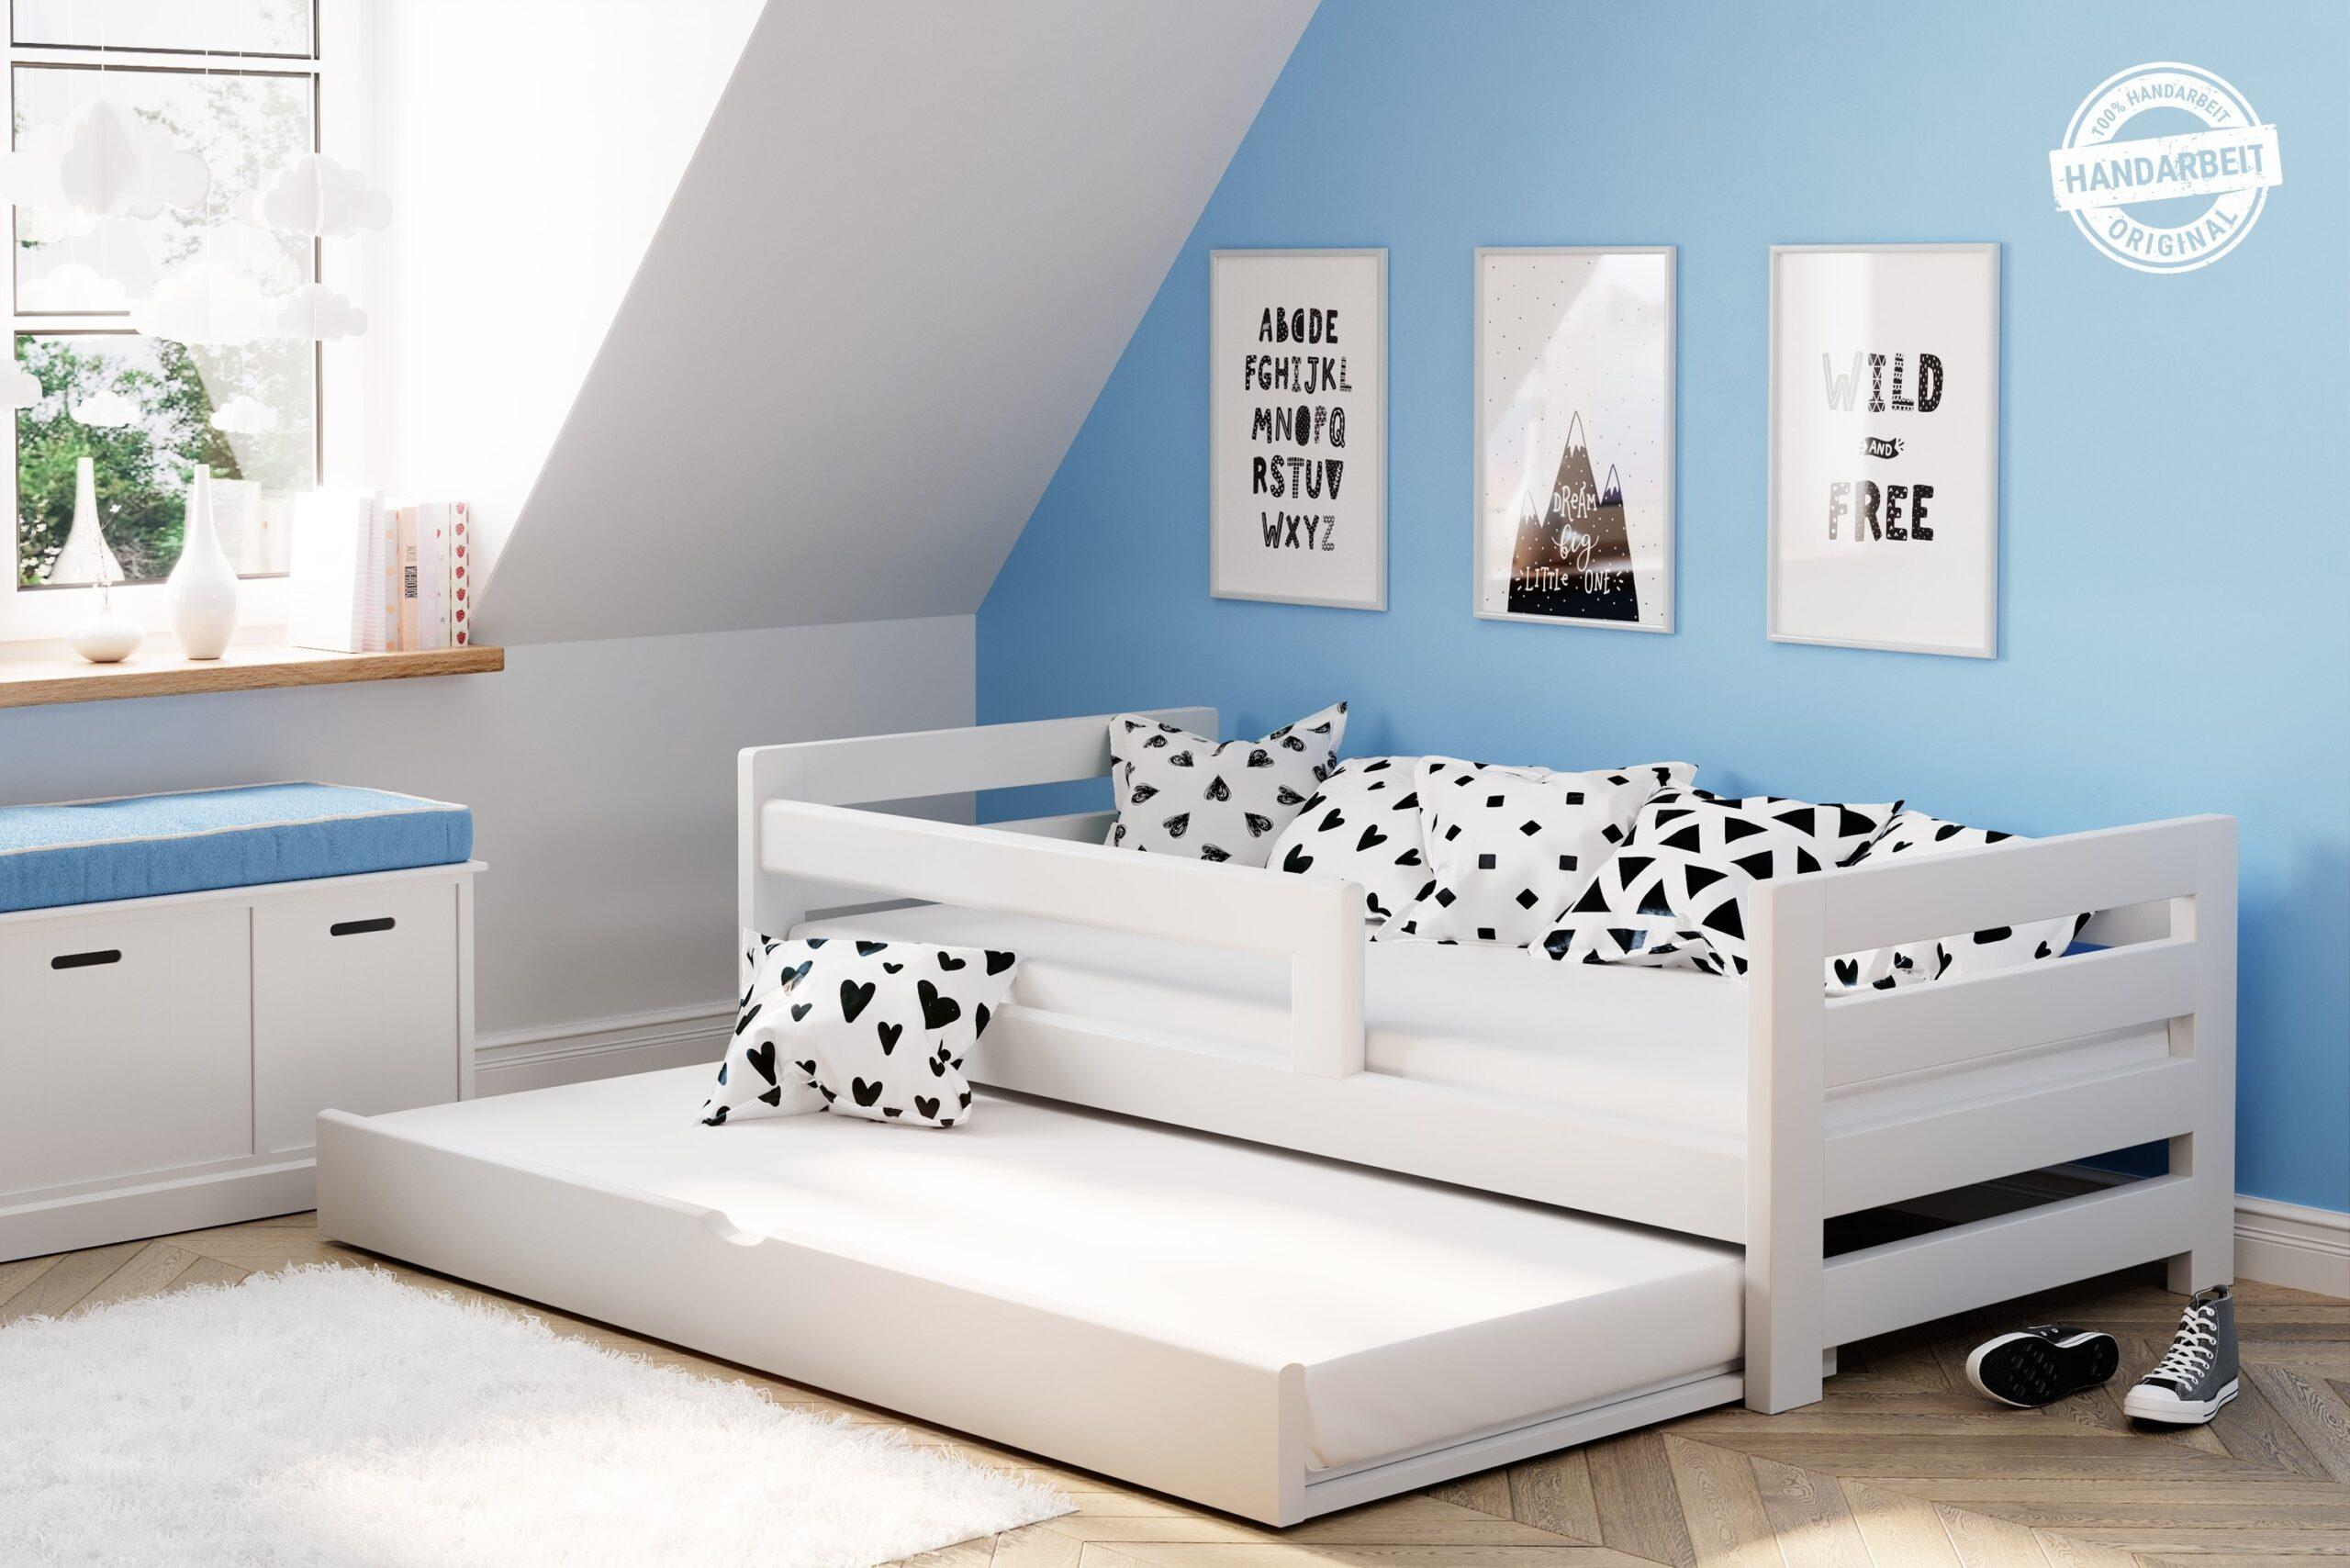 Full Size of Bett Mit Ausziehbett Ikea 140 Bettwäsche Sprüche 220 X Stauraum 200x200 140x200 Weißes 160x200 Pinolino Bambus Günstig Betten Kaufen 90x200 Weiß Wohnzimmer Bett Mit Ausziehbett Ikea